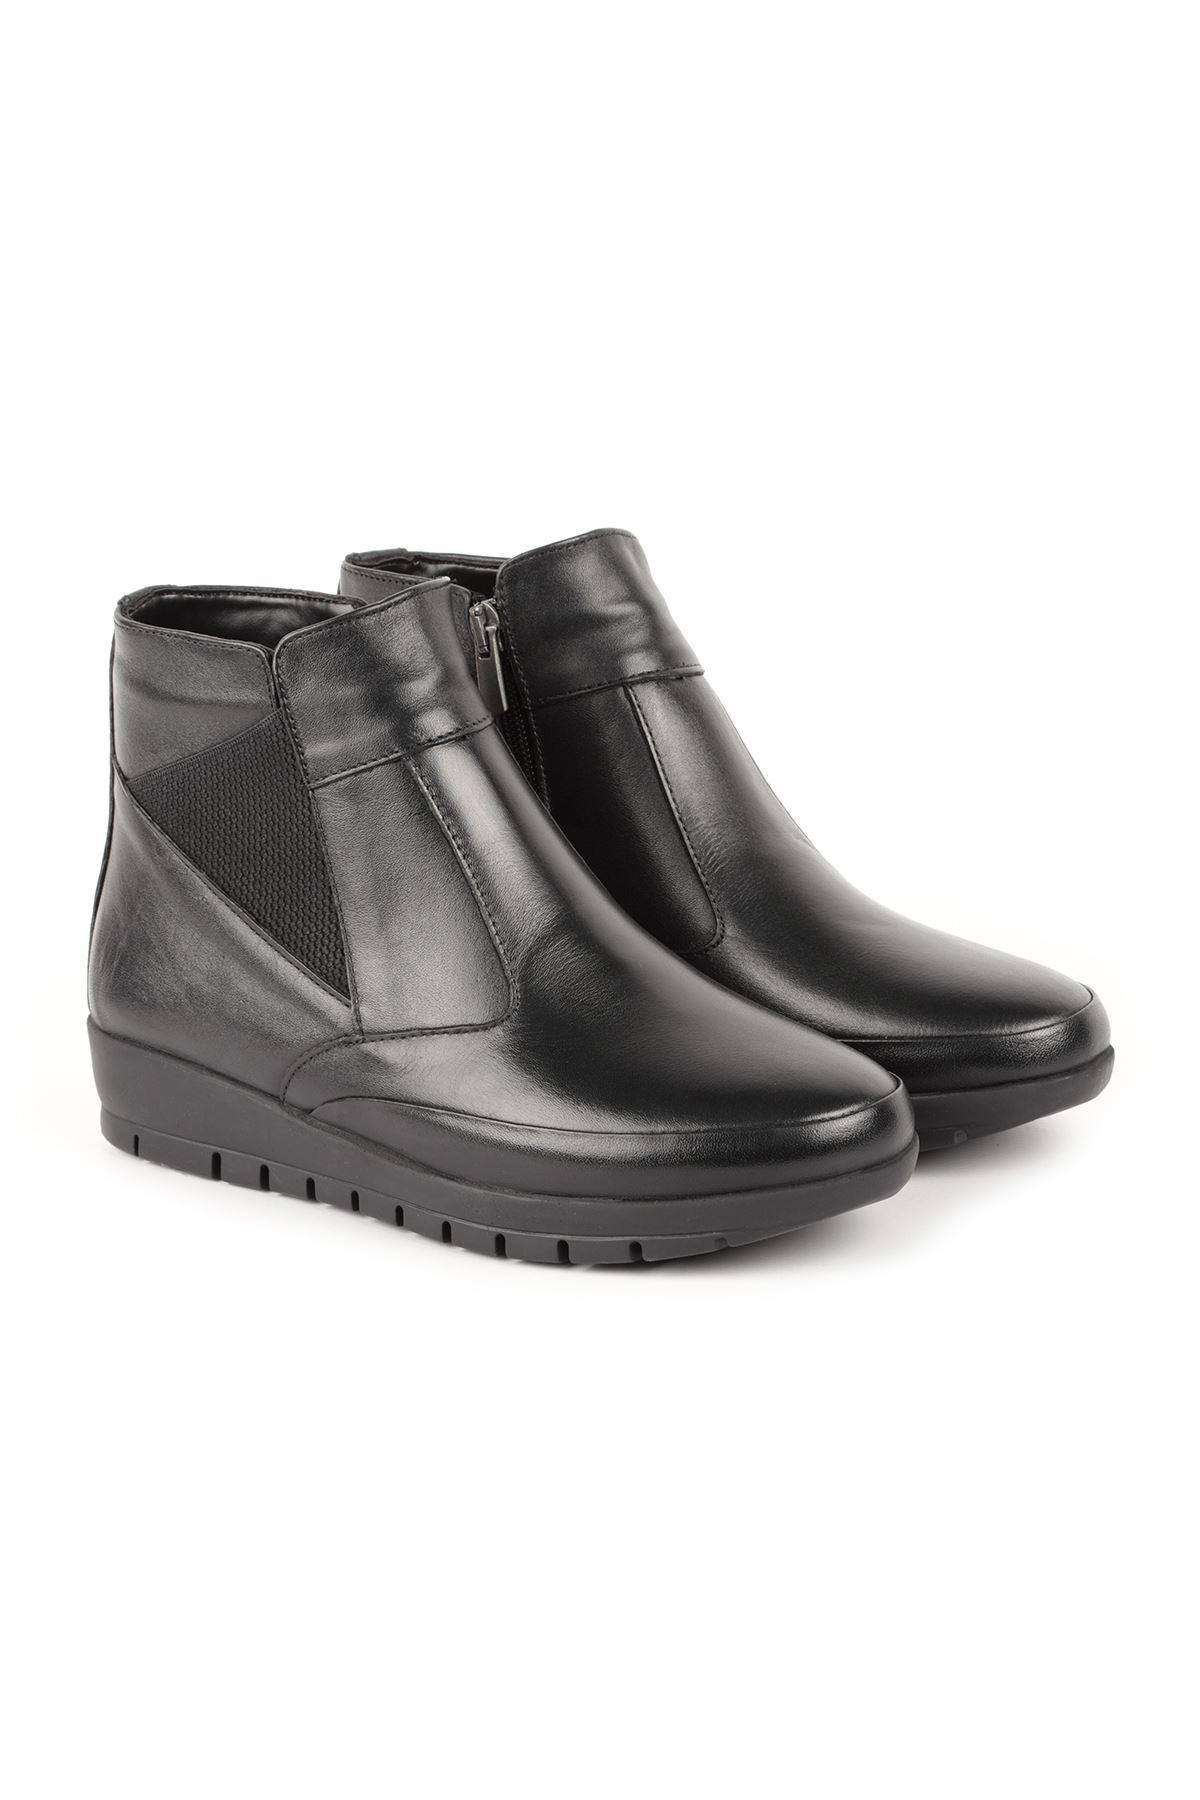 Libero ES205 Black Men's Boots